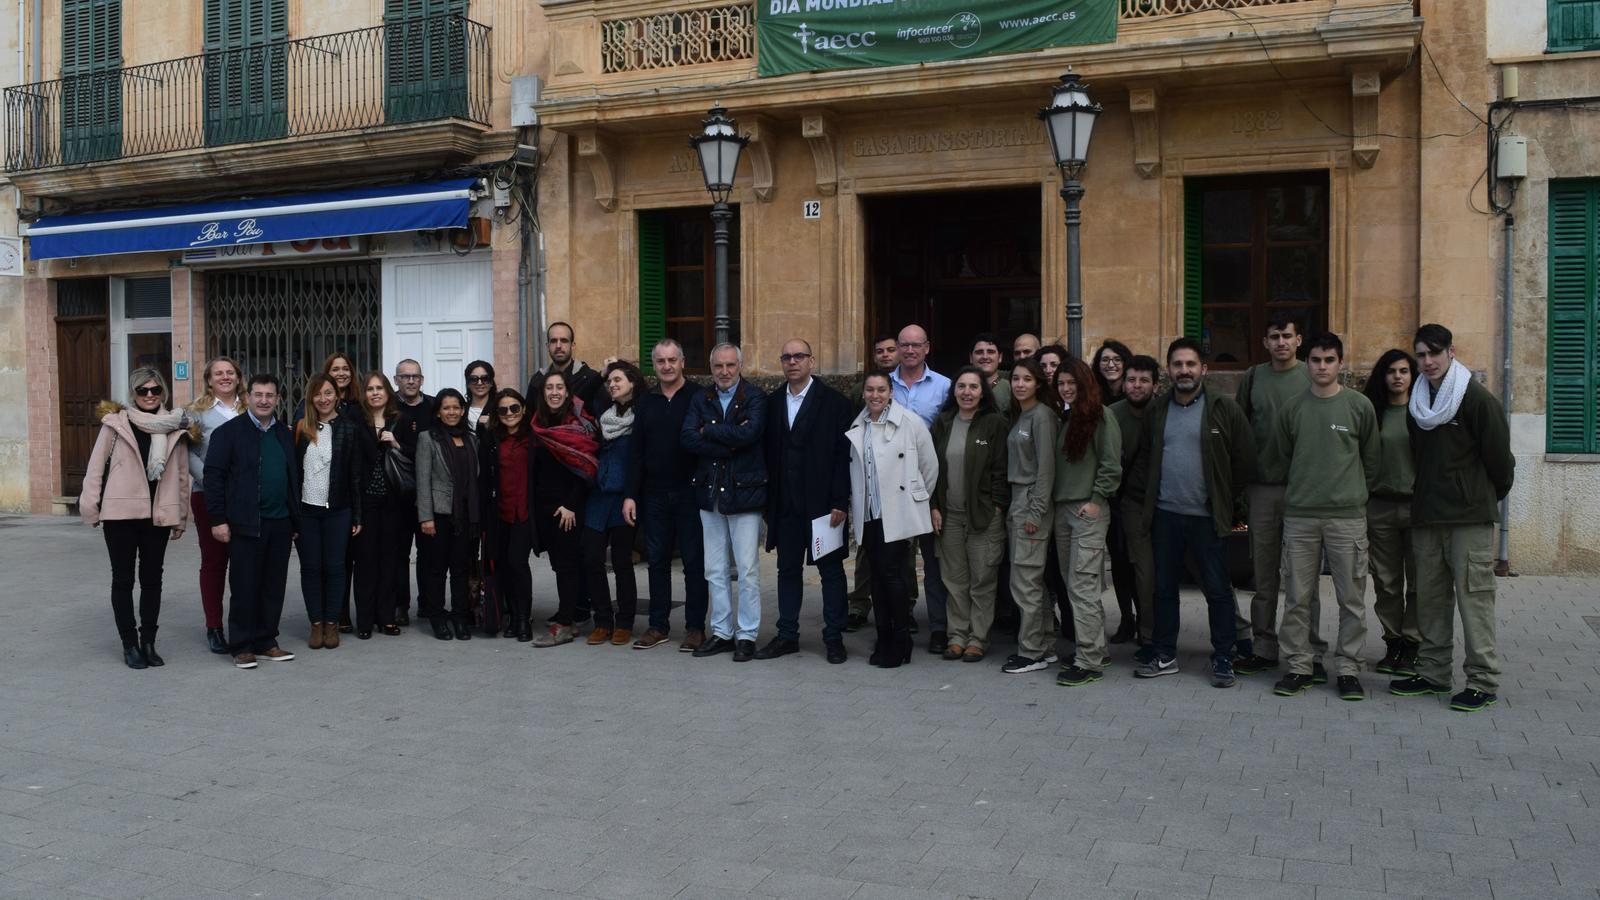 Els beneficiaris dels cursos formatius amb membres de l'equip de govern, davant la casa consistorial.